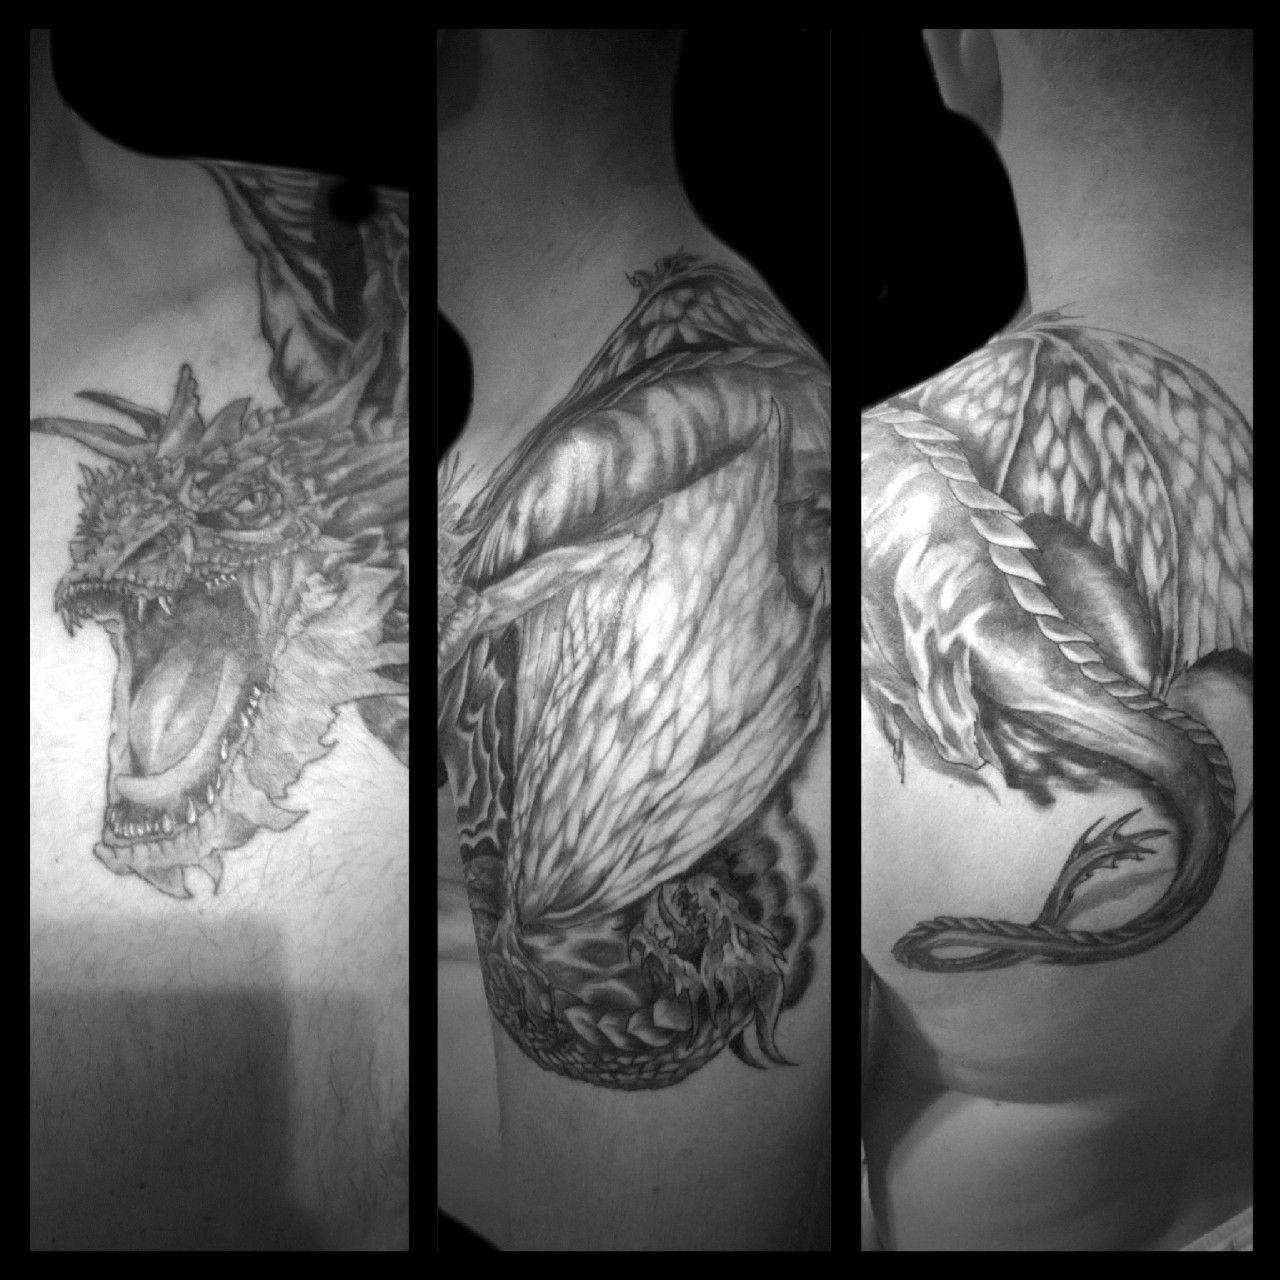 Tatuaż Smoki Na Klatce Barku Ramieniu I łopatce Wykonany